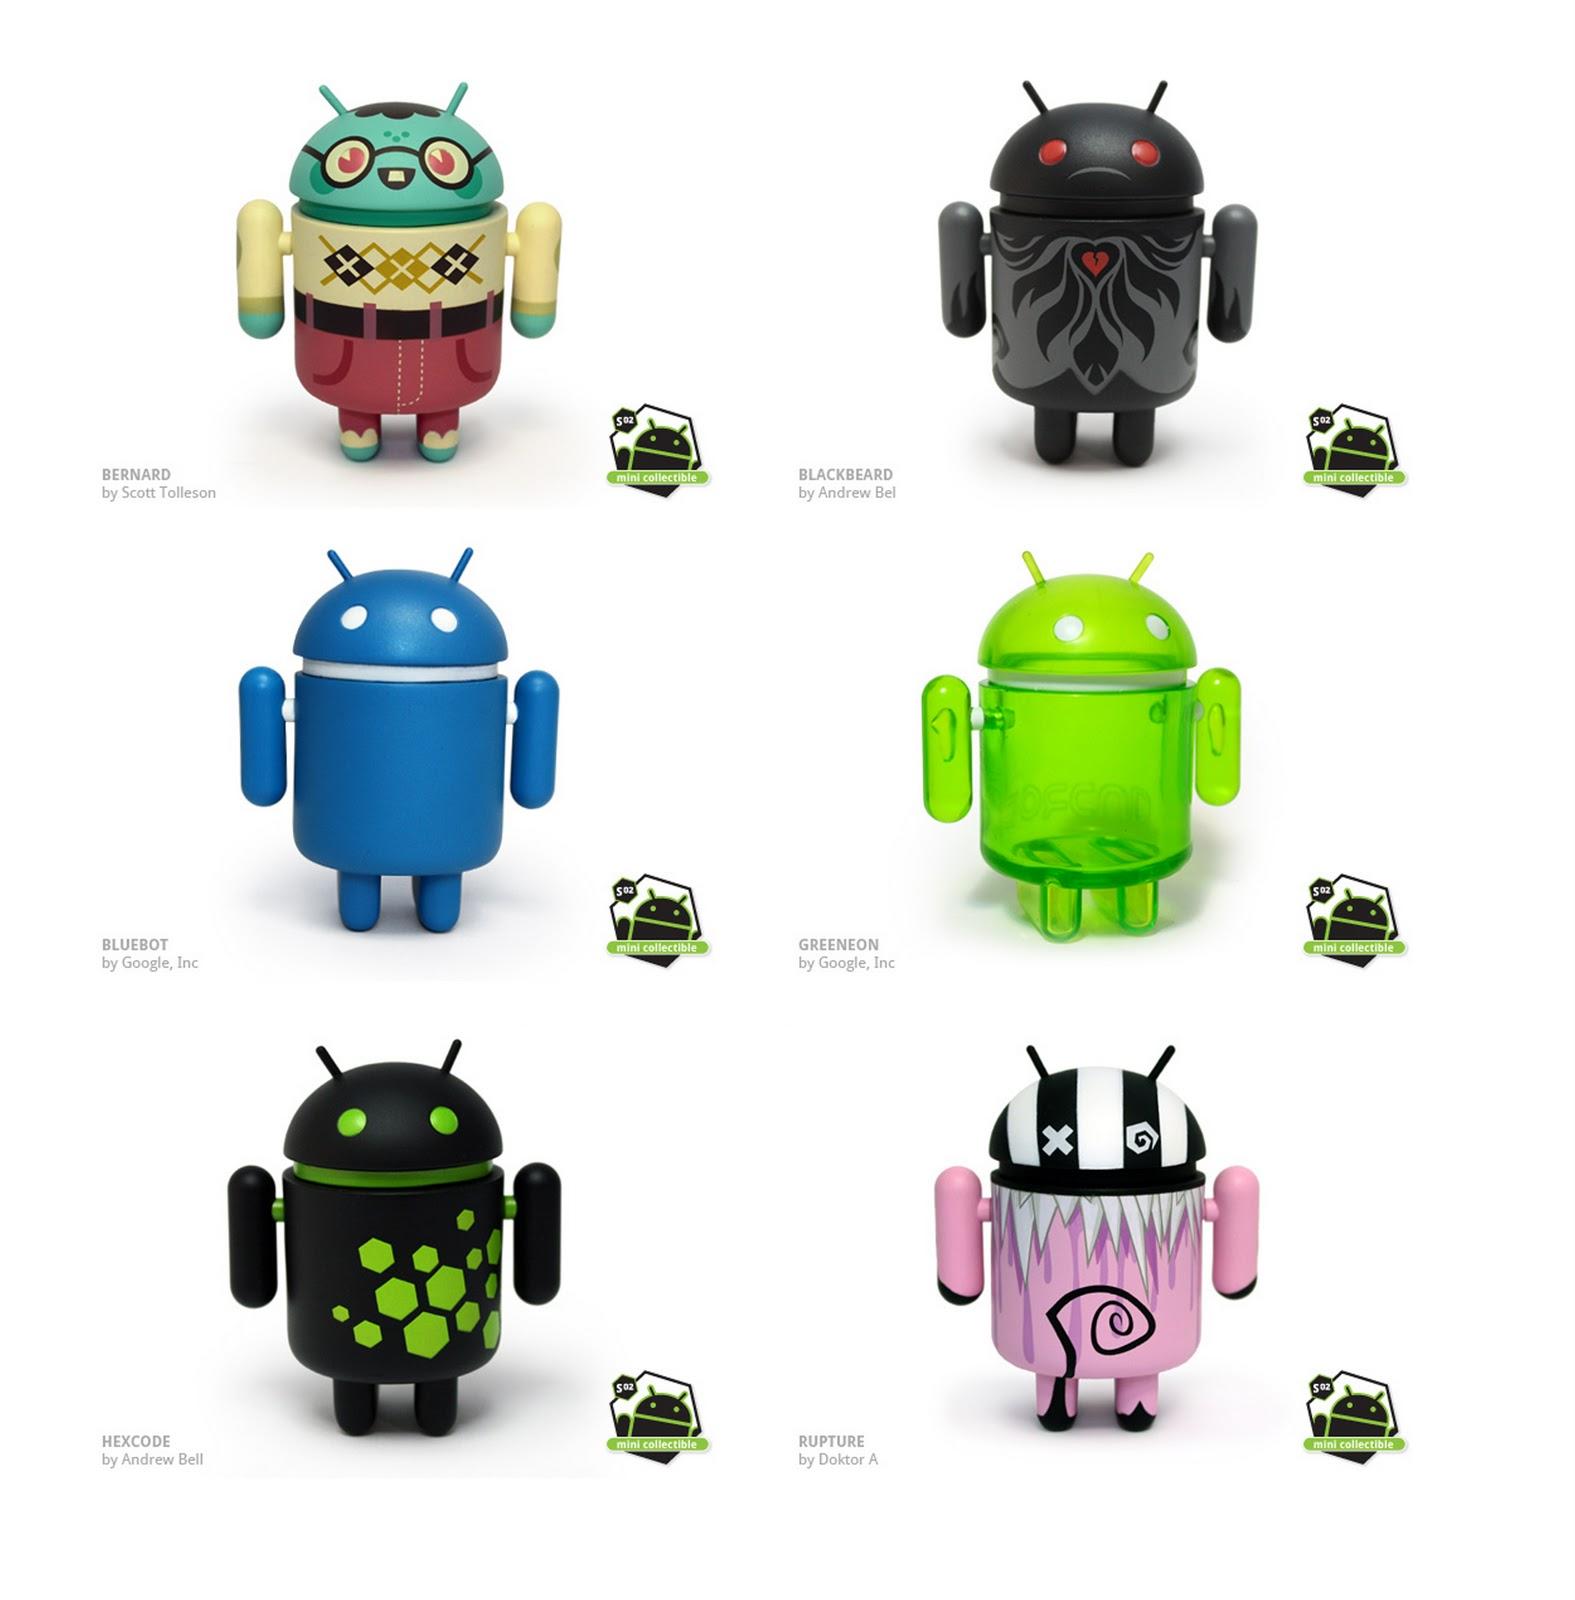 http://3.bp.blogspot.com/-WXBZJ7H1mgc/UBQd4VpYoVI/AAAAAAAALjc/UETcTBvXjN8/s1600/Android%20S2%20Preview.jpg